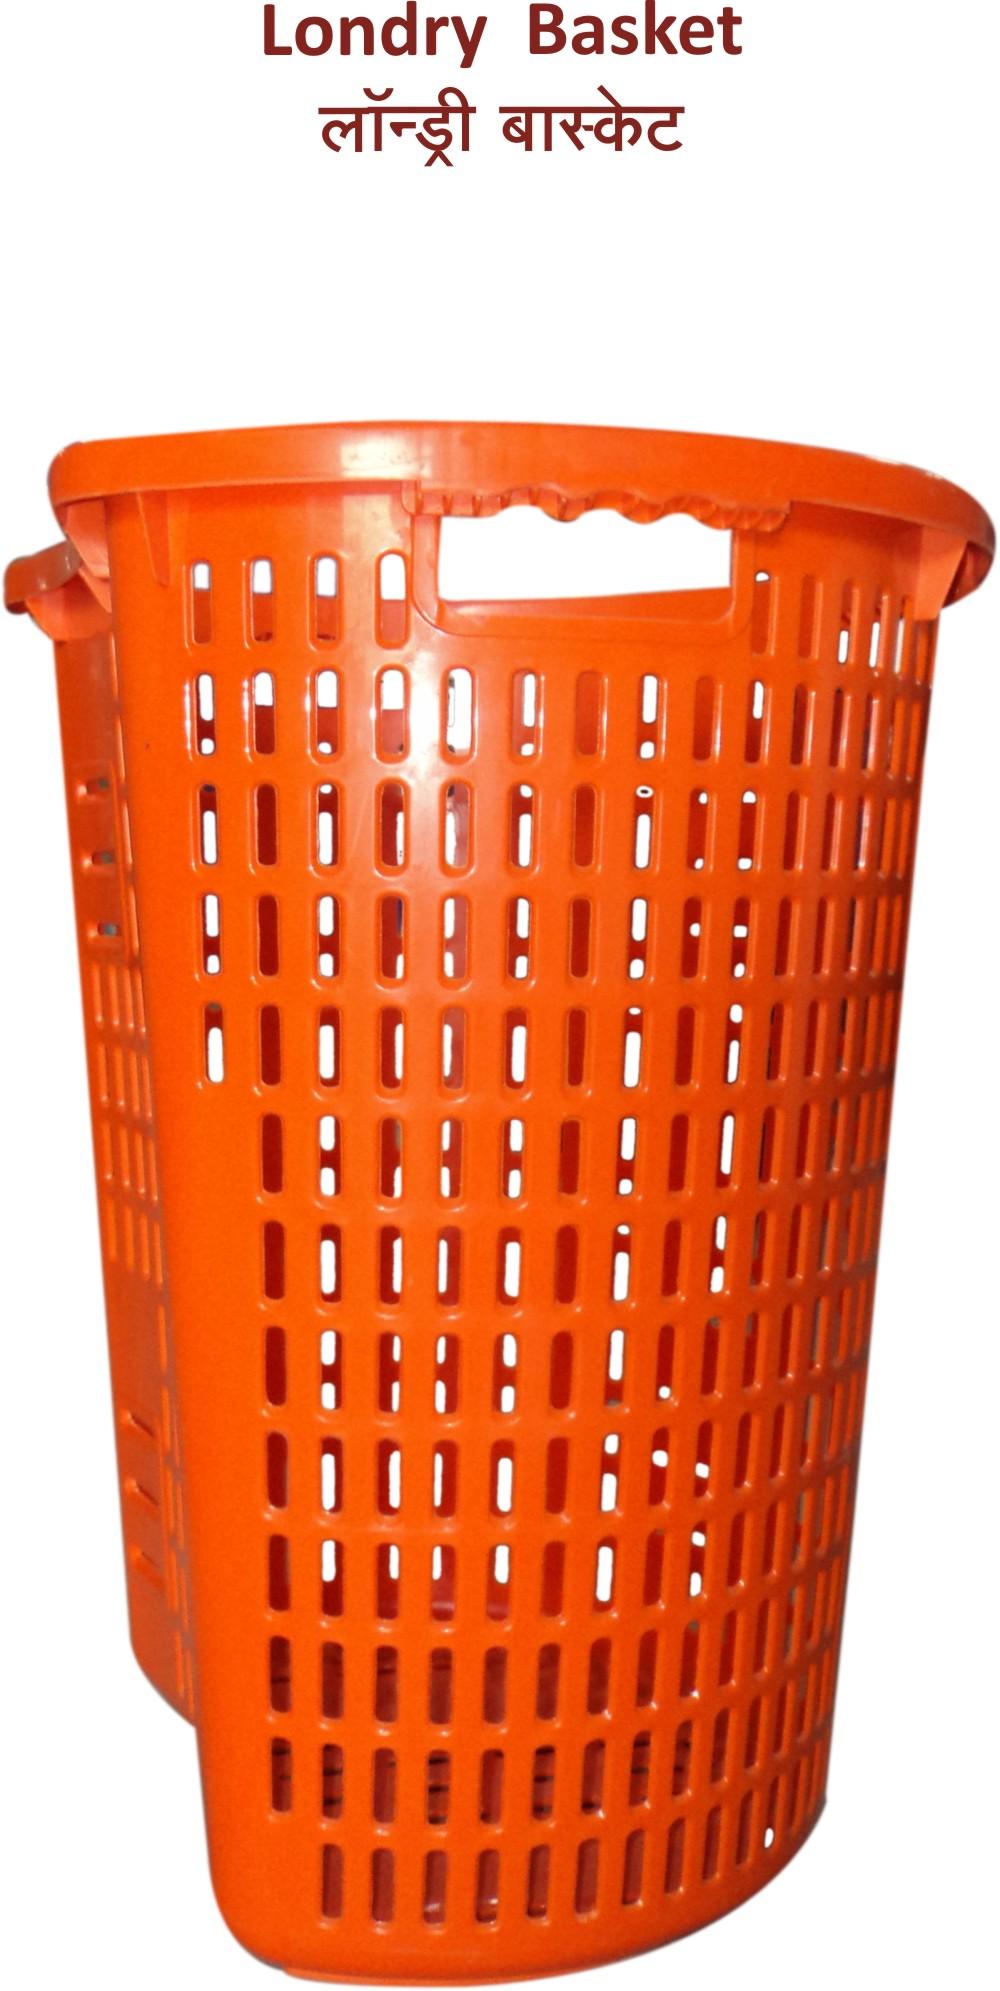 loundry basket